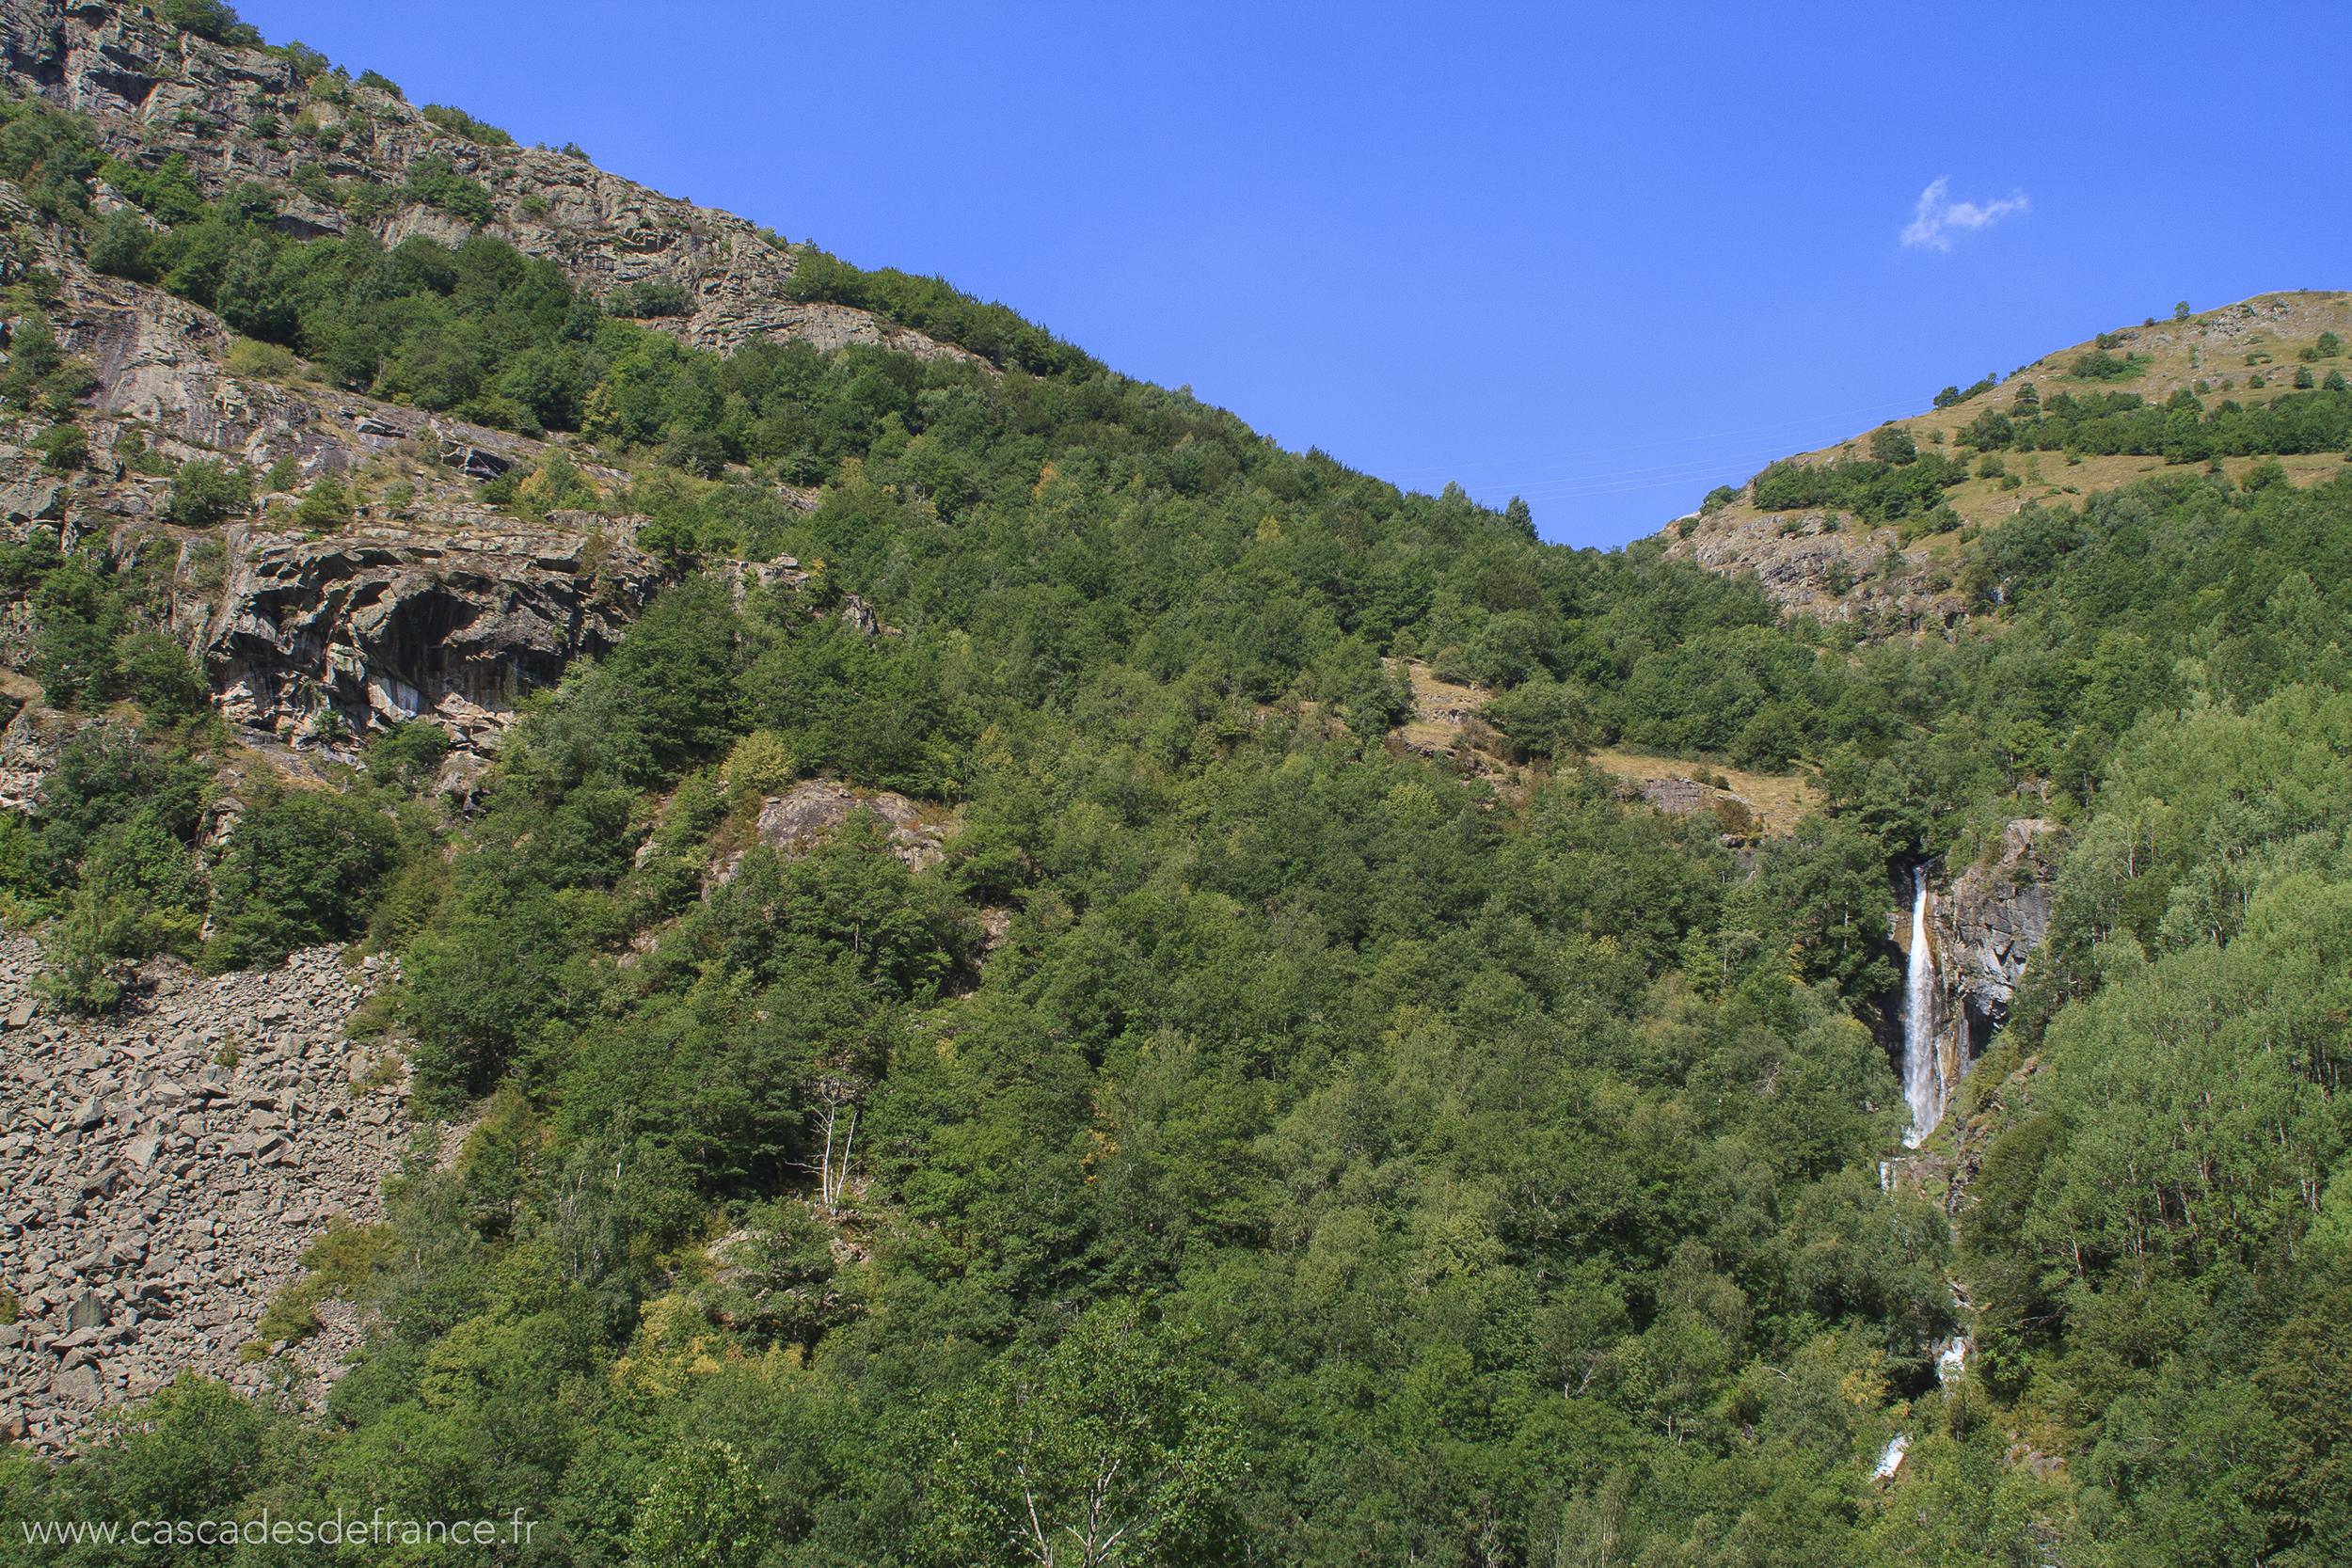 IMG_0549-1 cascade pich gaillard pyrennes-cdf